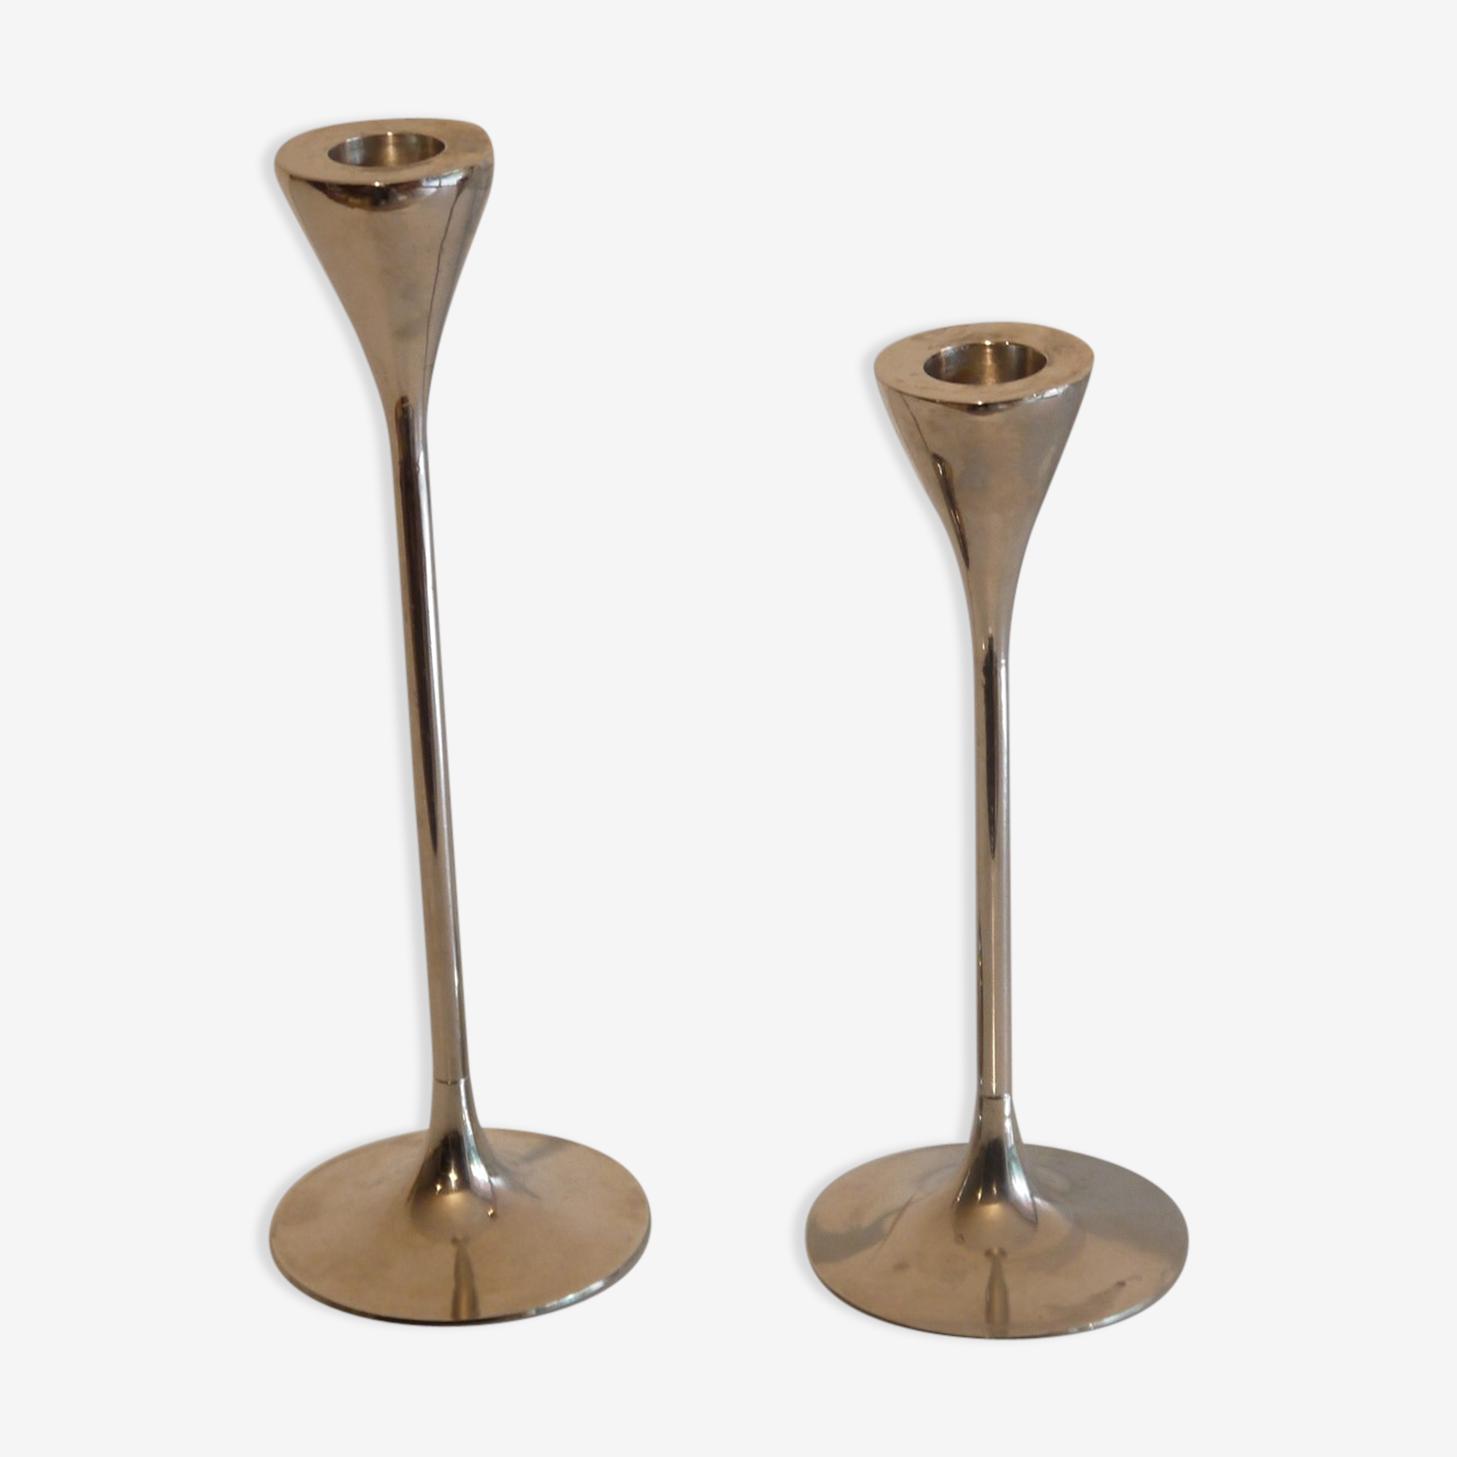 Pair of scandinavian metal candle holders 1970